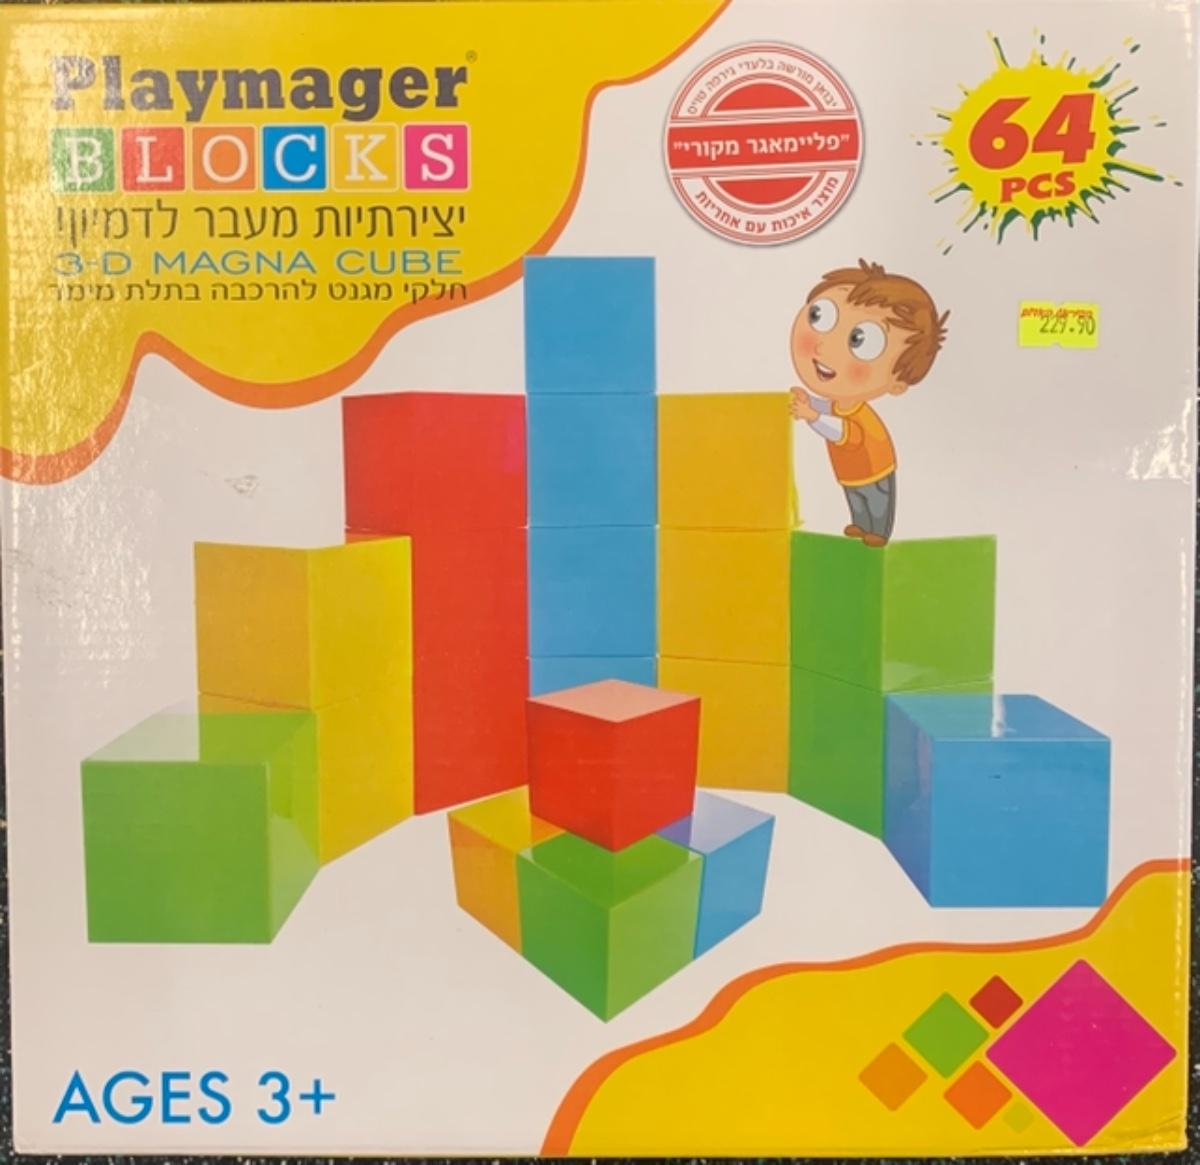 משחק מגנטים  64 חלקים 3D PLAYMAGNET